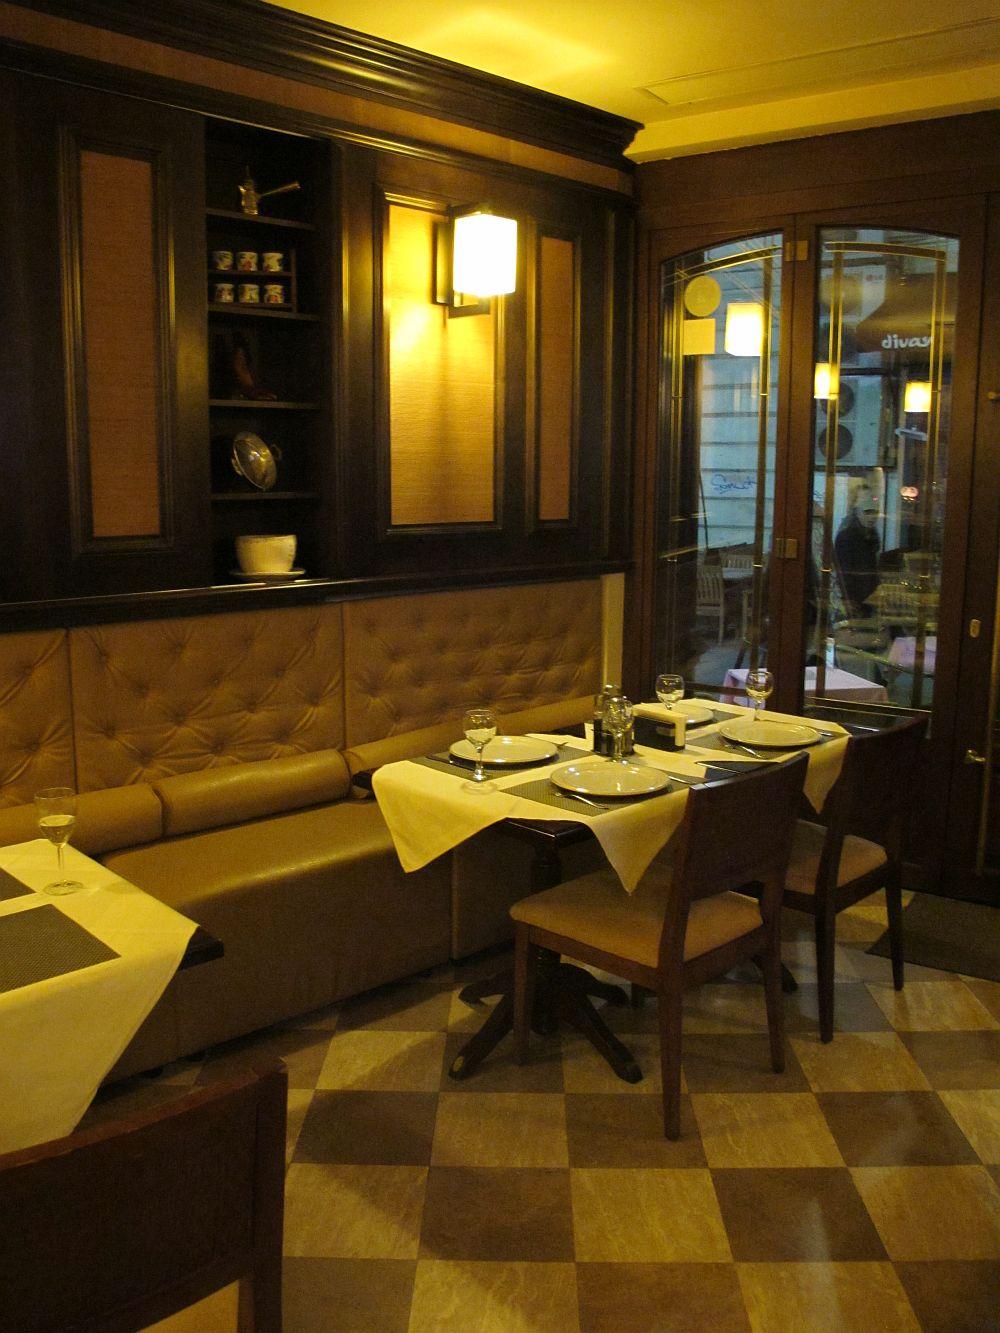 adelaparvu.com despre Maccheroni, restaurant italian Bucuresti strada Franceza (10)